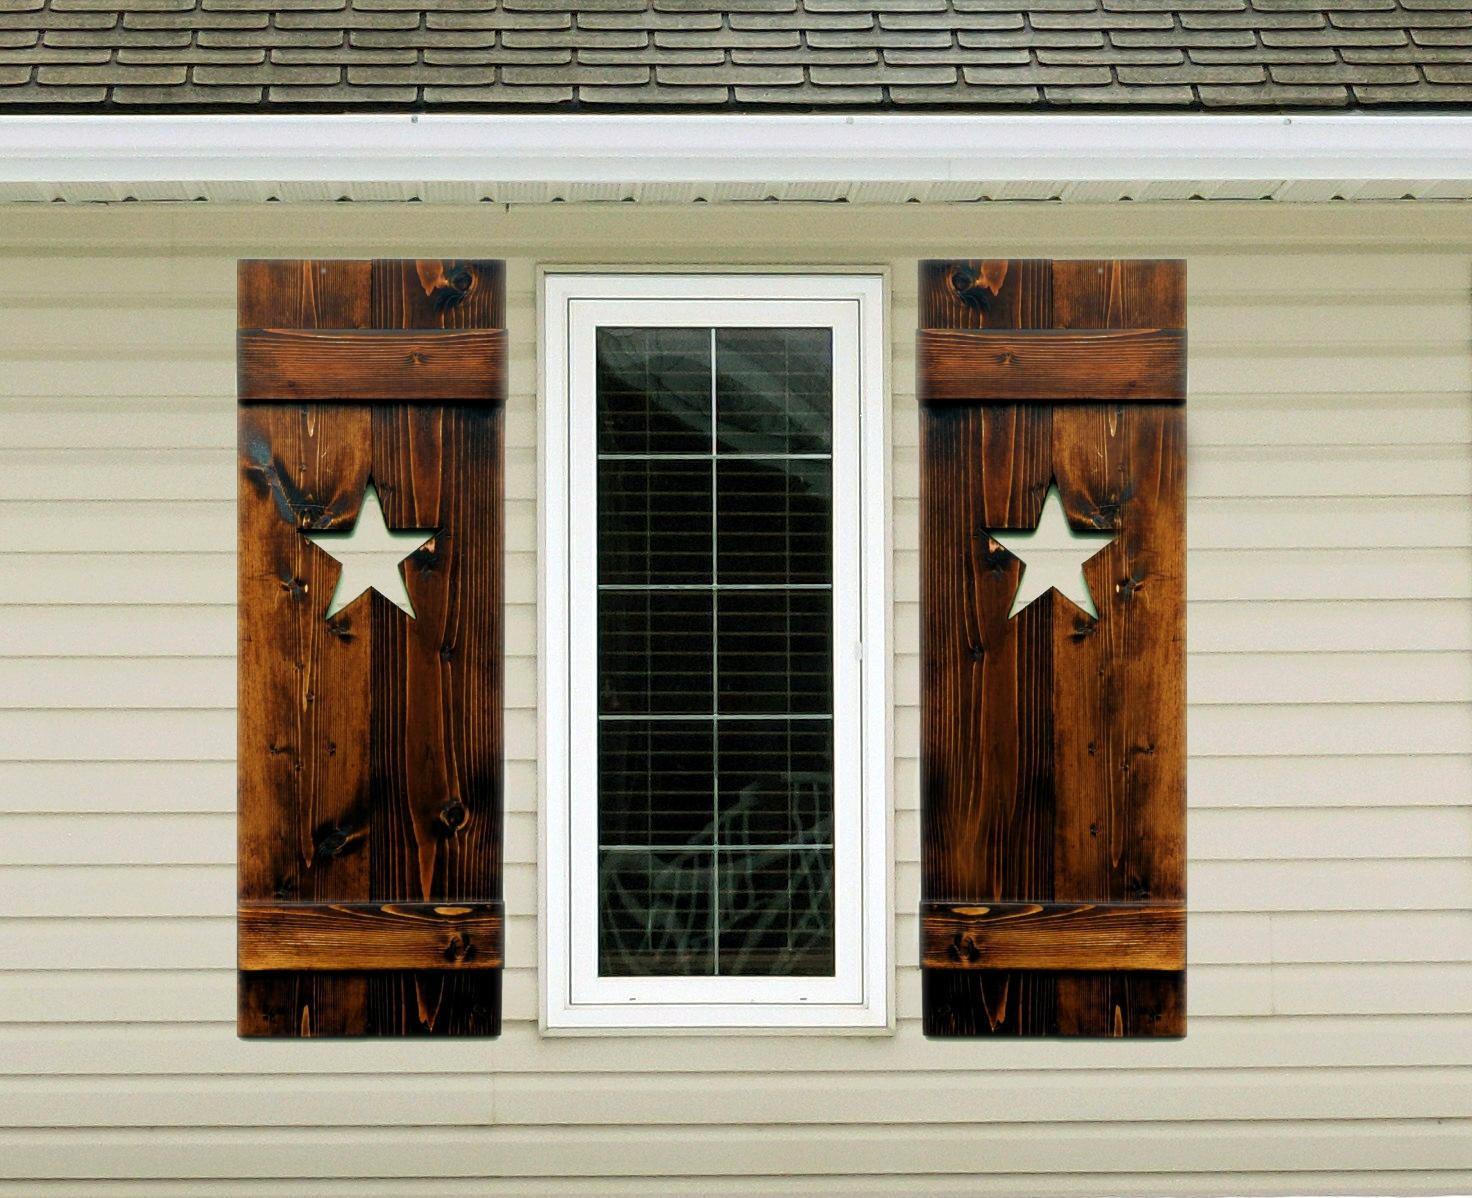 rustic shutters wood shutter interior shutter exterior shutter decorative shutter western - Decorative Shutters